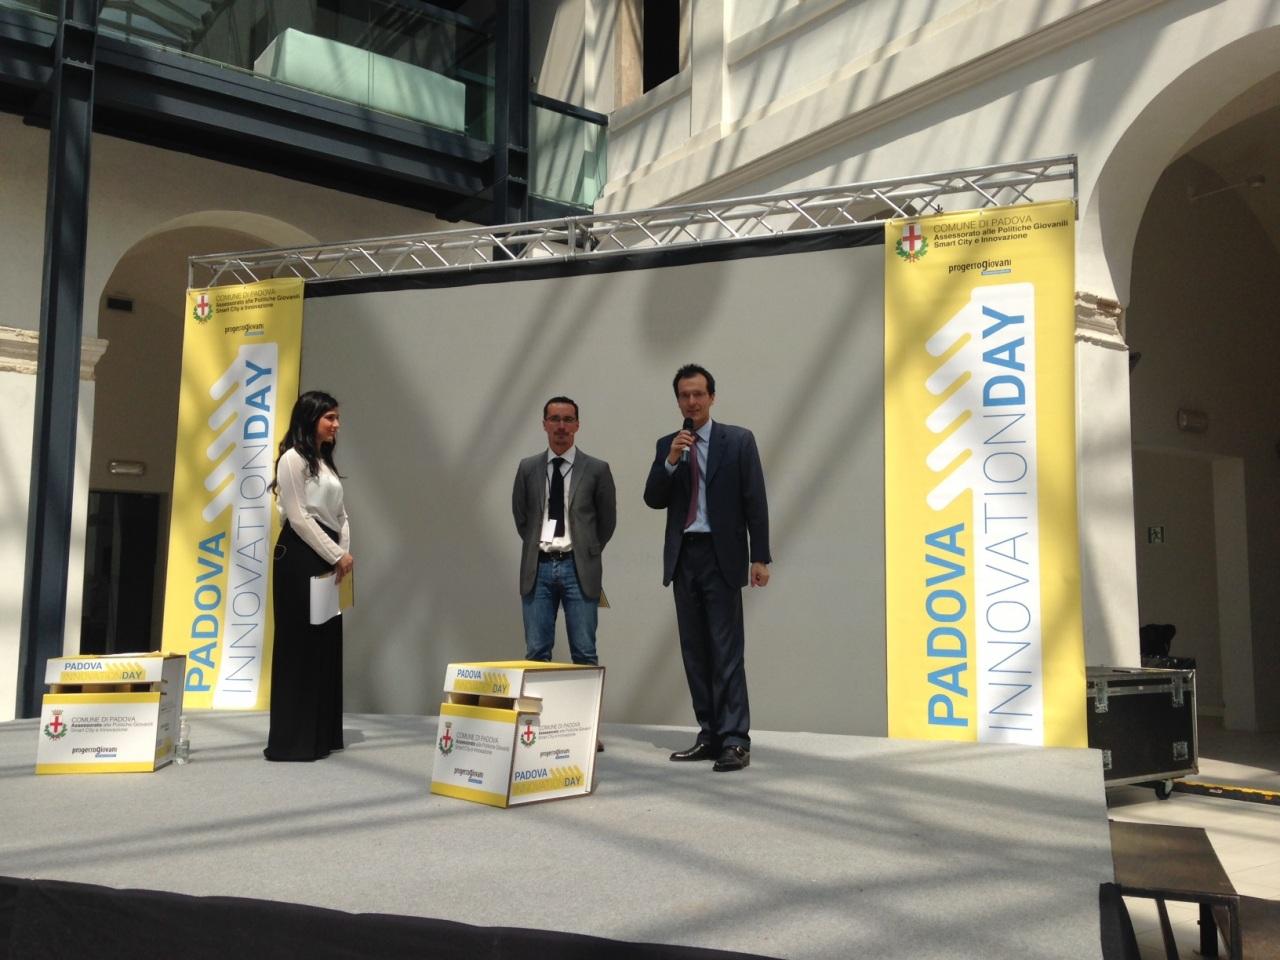 Consegnato il Premio Sorgenia per l'ambiente al Padova Innovation Day